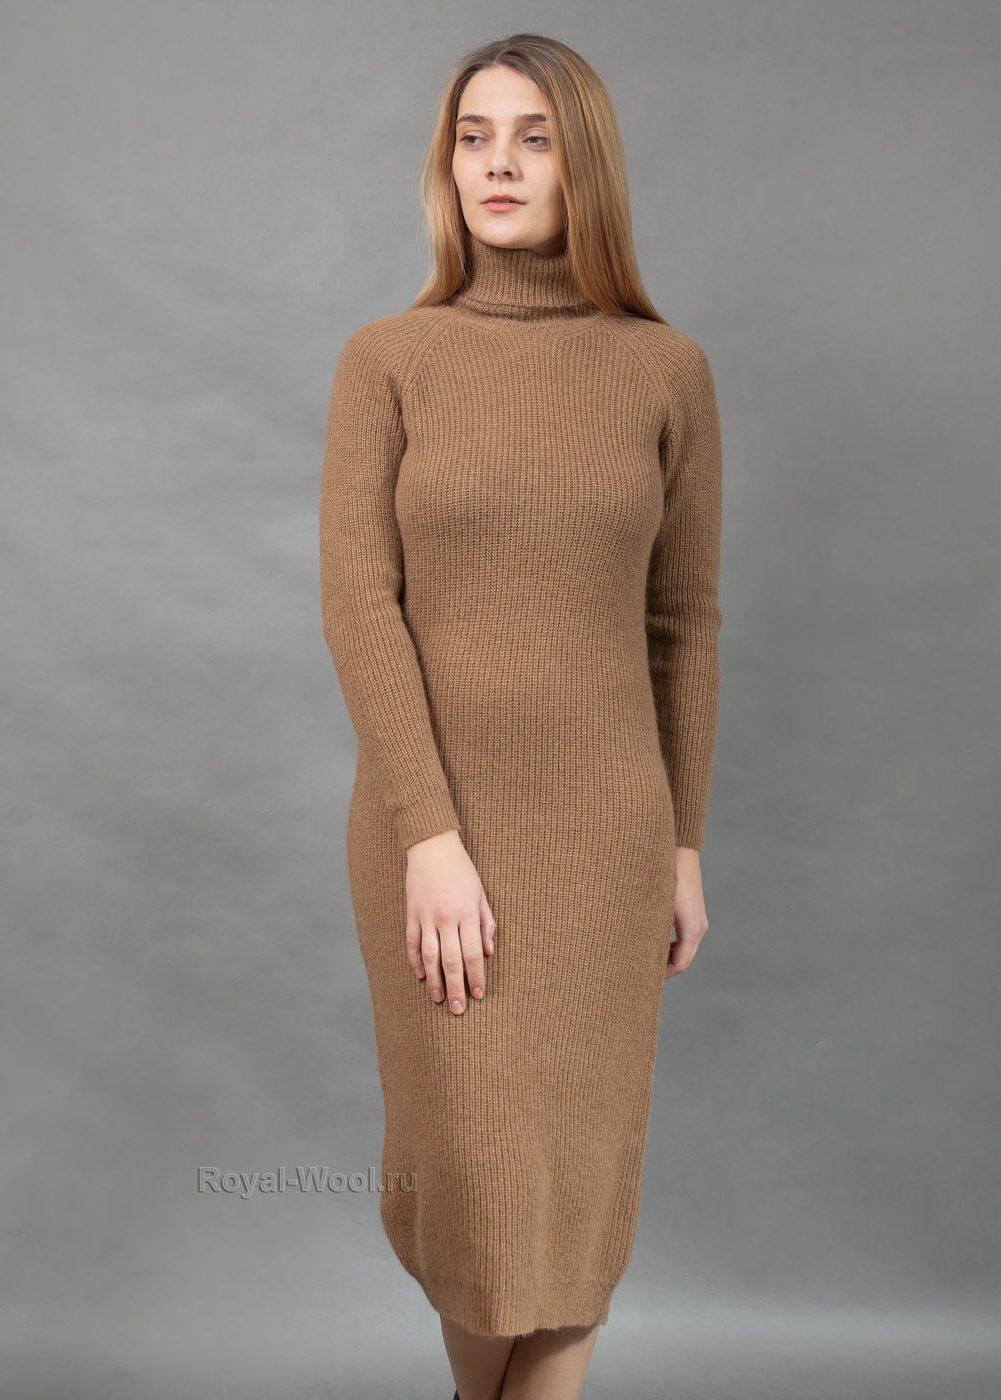 купить длинное платье в москве зимние